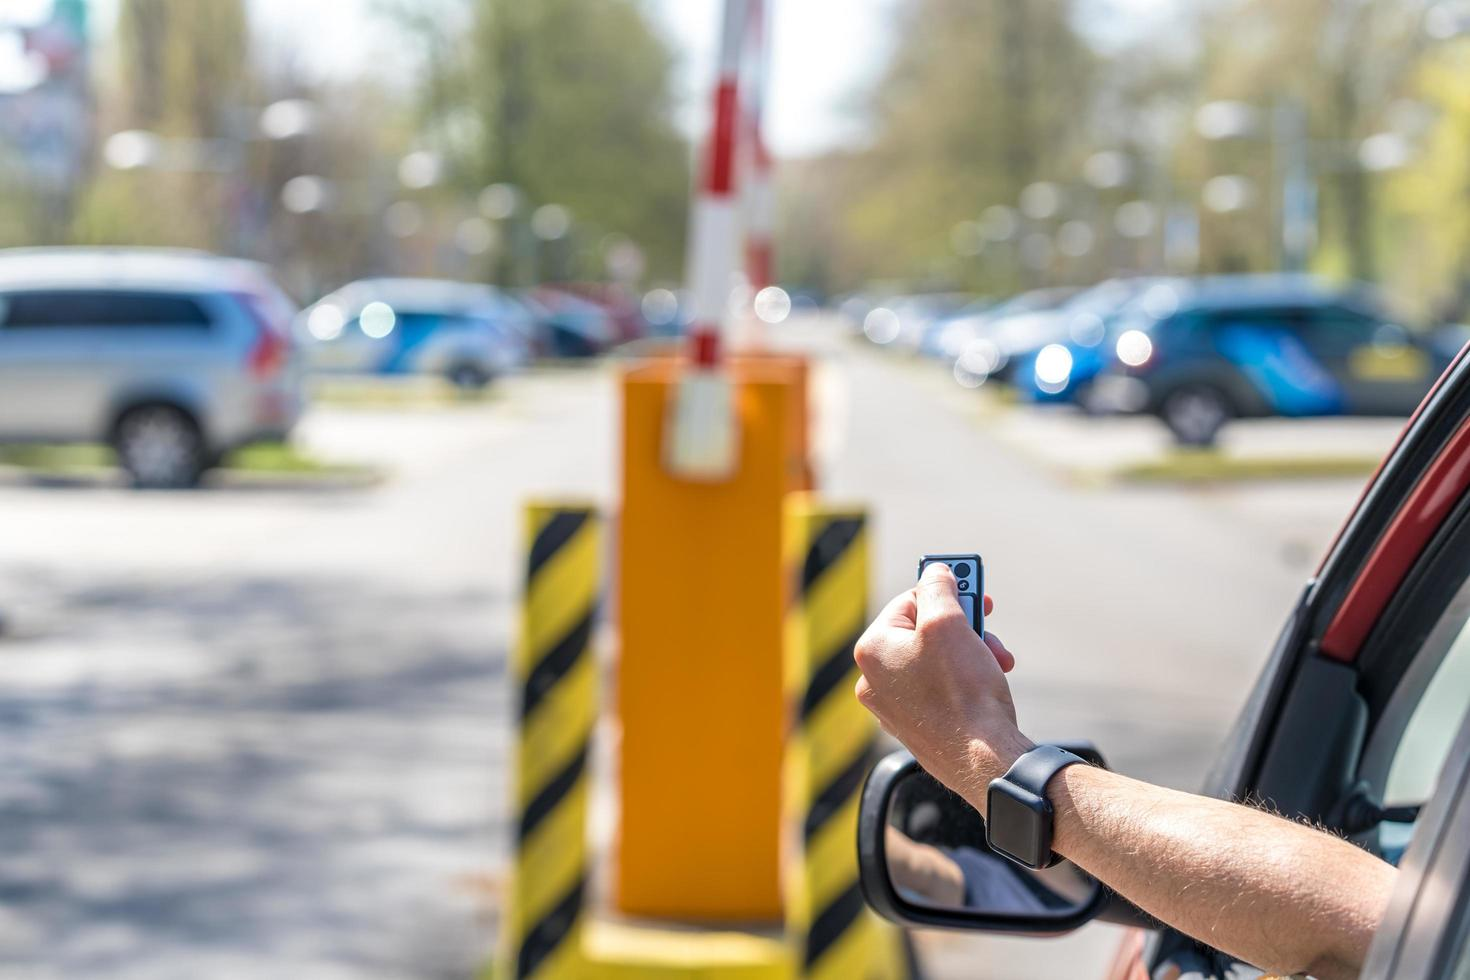 el conductor del automóvil levanta la barrera de estacionamiento para salir del lote foto